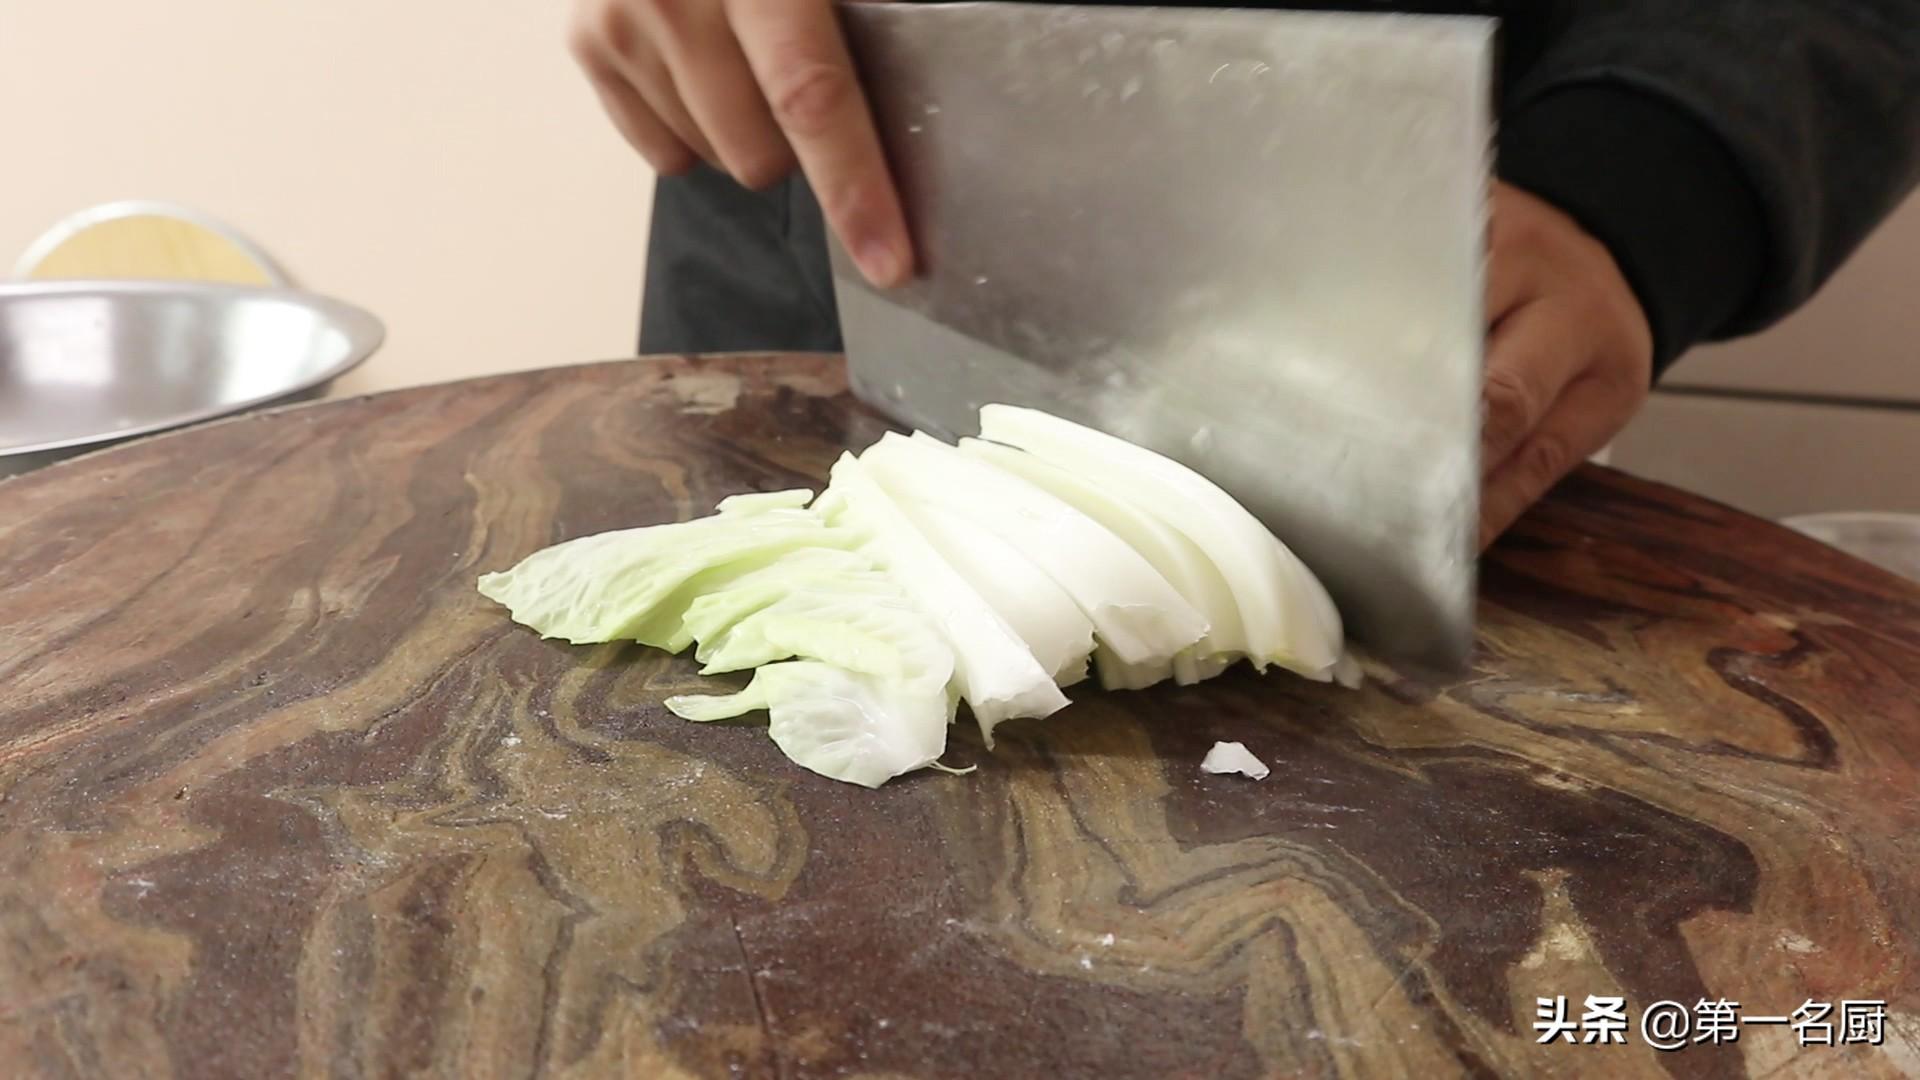 """""""白菜炖粉条""""超好吃的做法,技巧全在这,出锅喷香,全家都爱吃"""